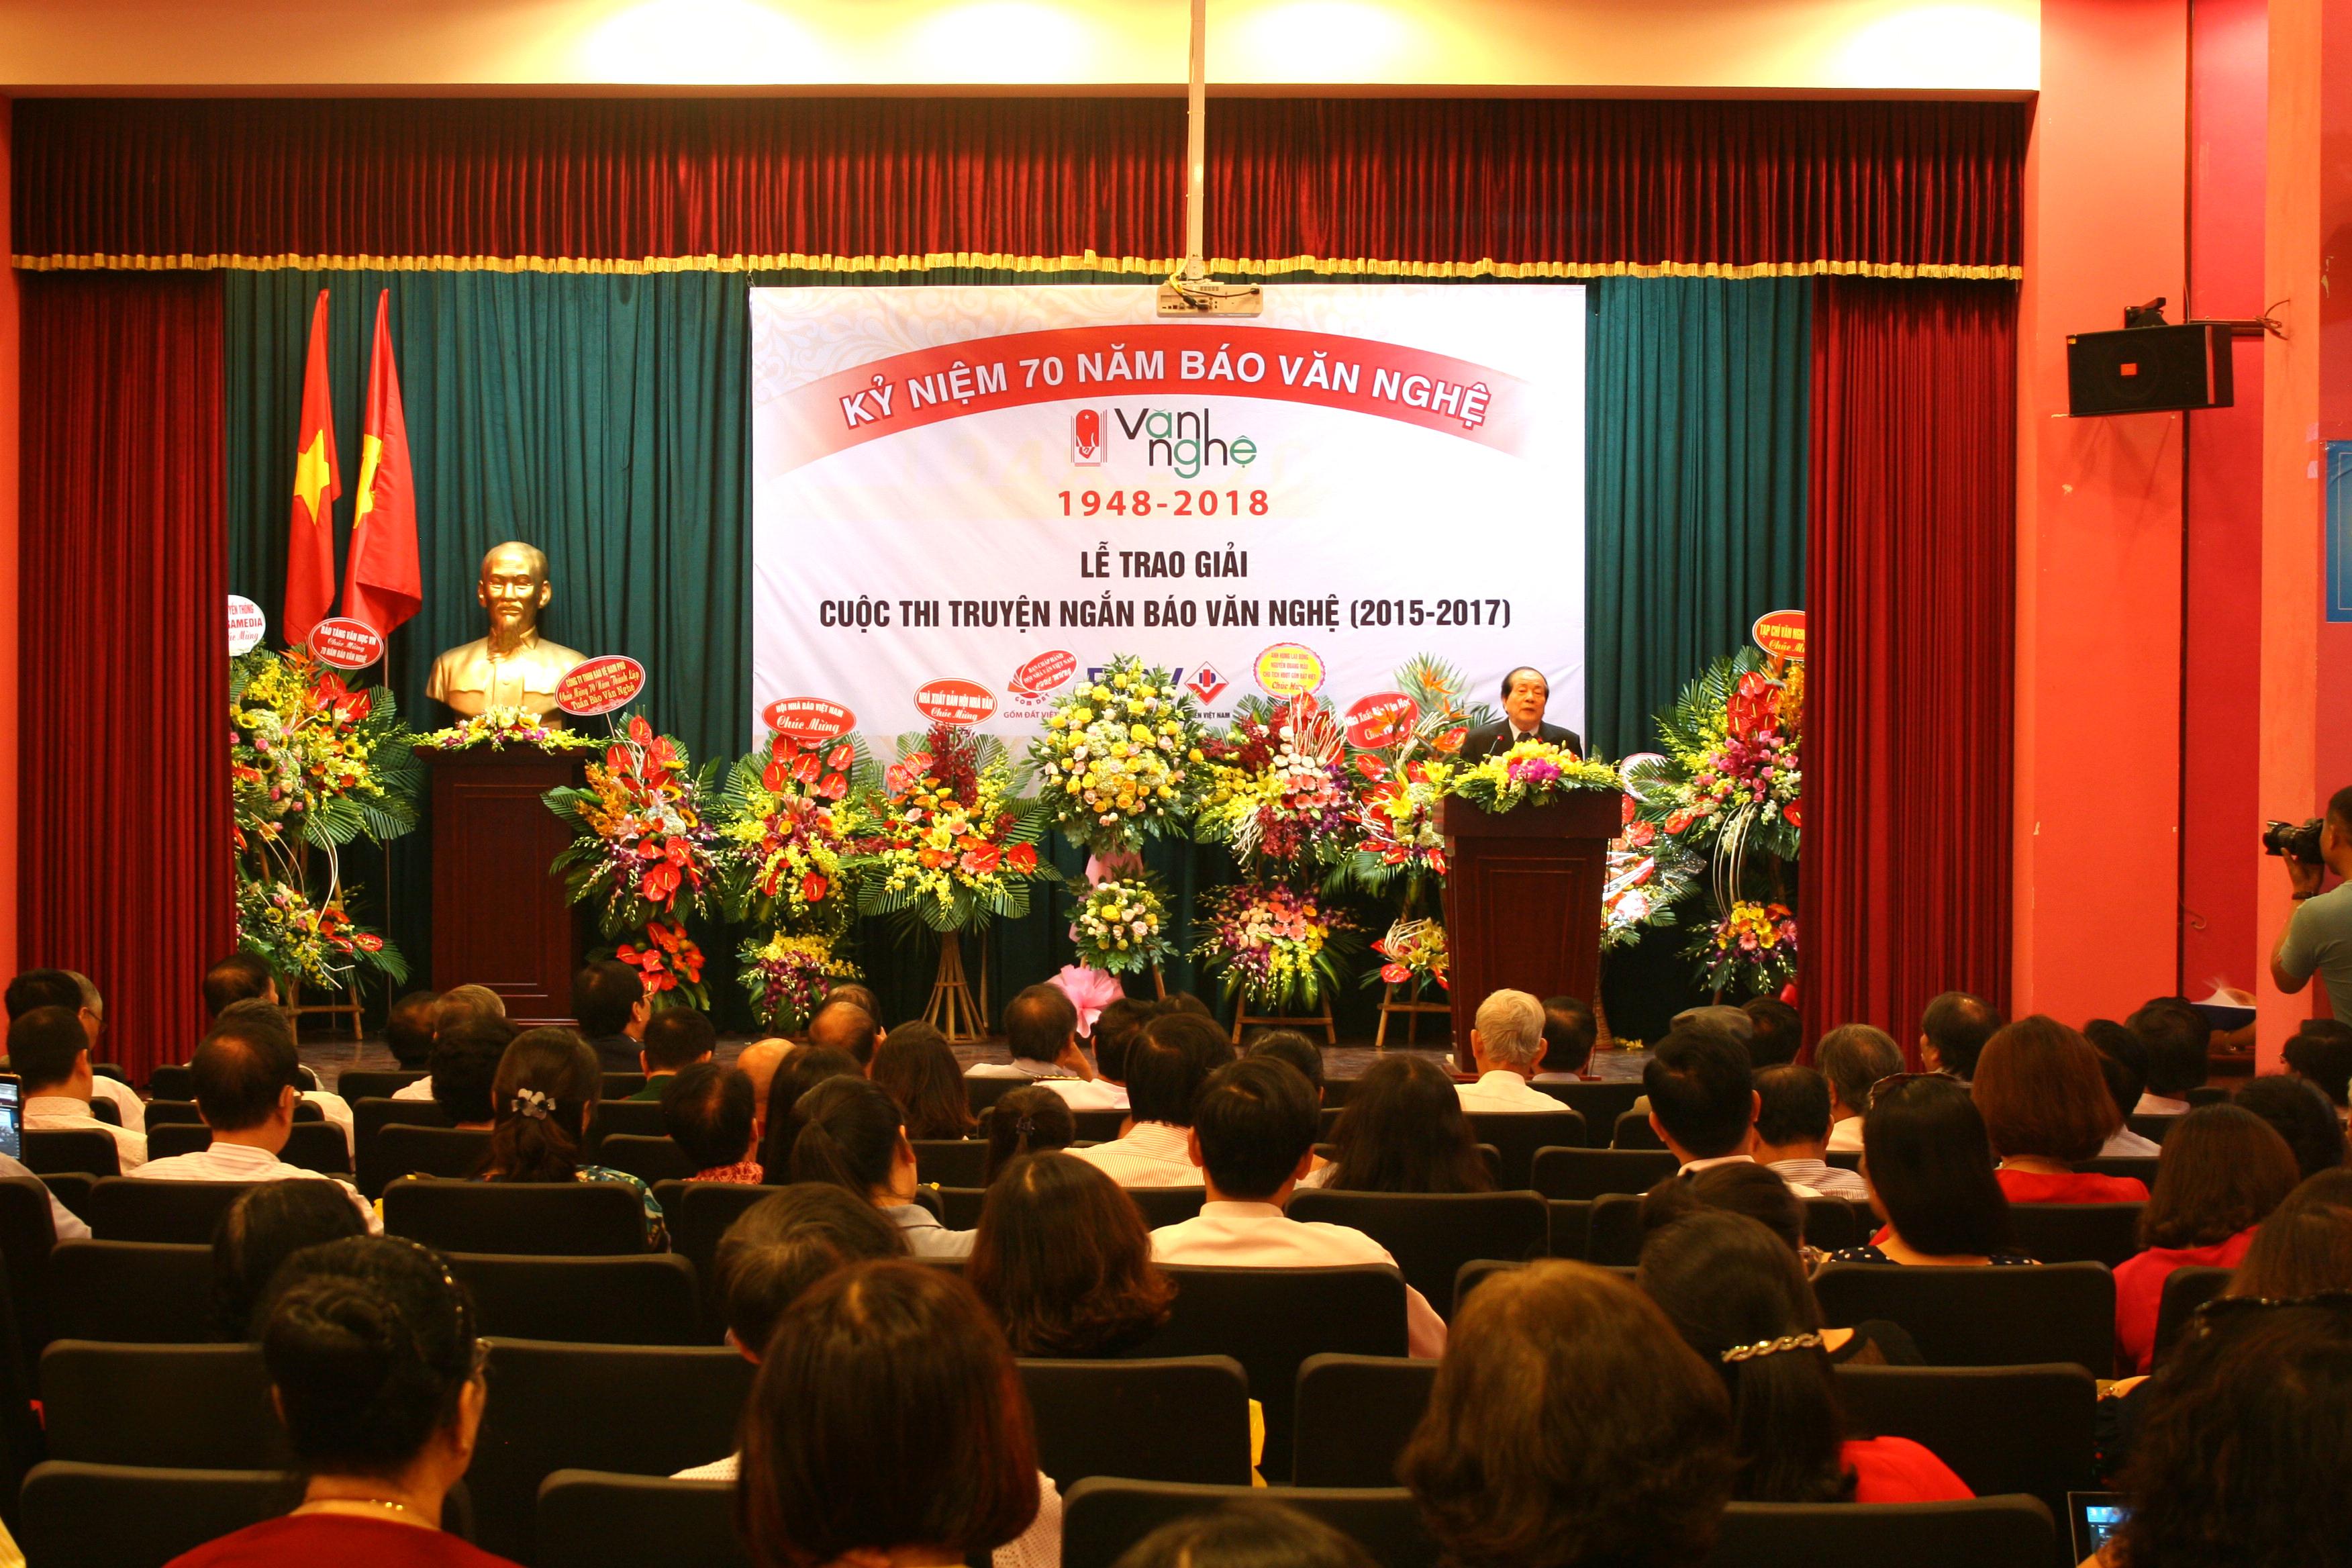 Kỷ niệm 70 năm thành lập Báo Văn nghệ, trao giải Cuộc thi Truyện ngắn báo Văn nghệ 2015-2017